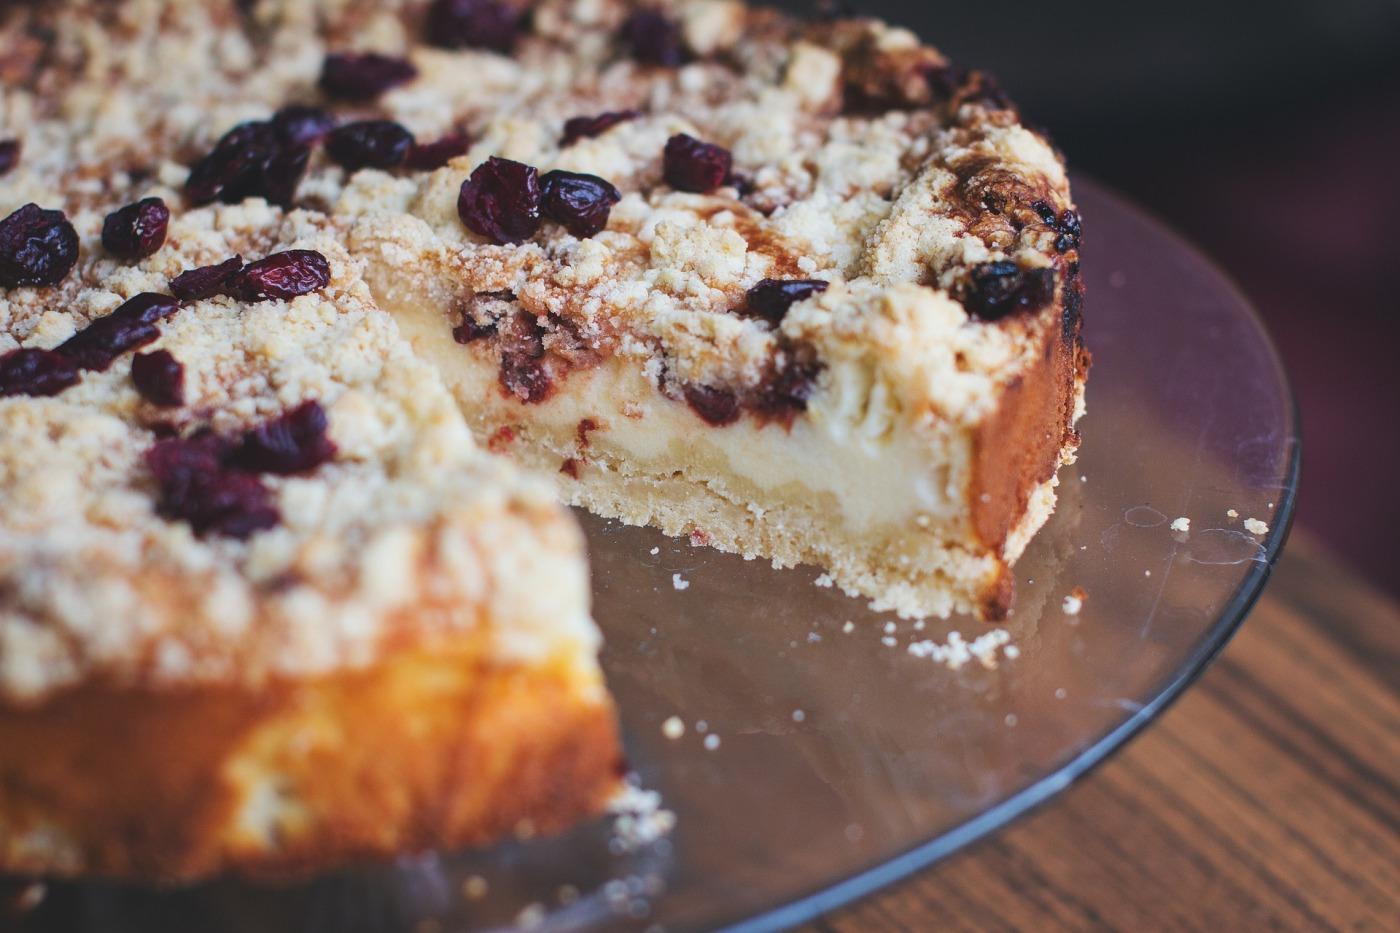 meilleure pâtisserie sur abidjan, serialfoodie, food, foodie, blog blogger, abidjan, côte d'ivoire, critique de restaurants,